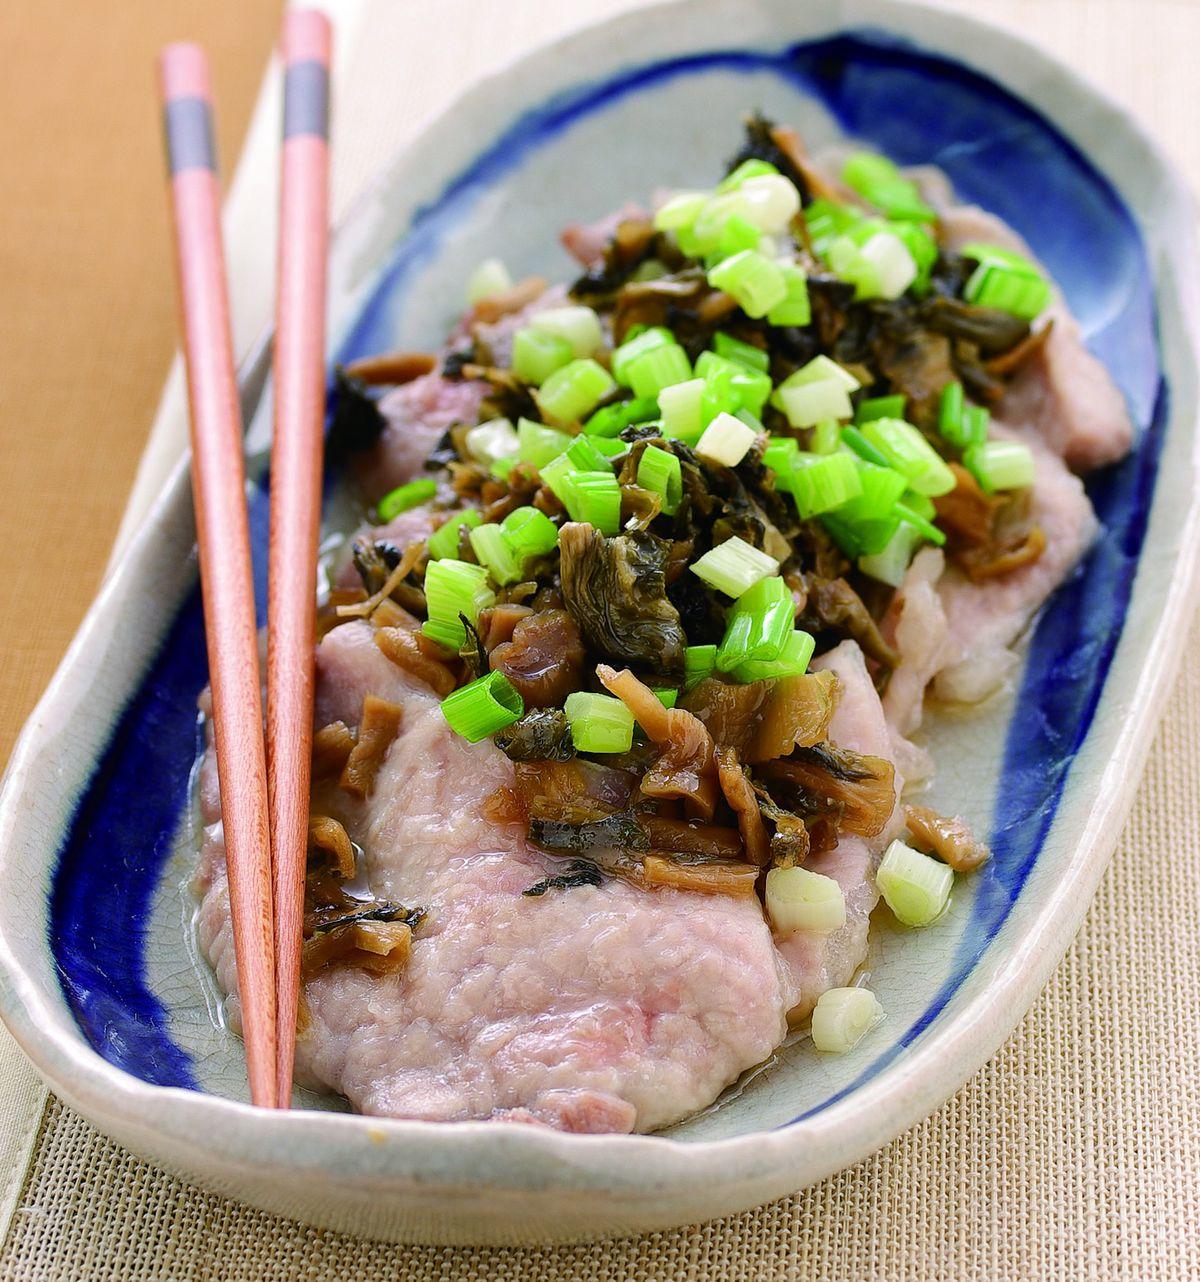 食譜:梅肉福菜燒